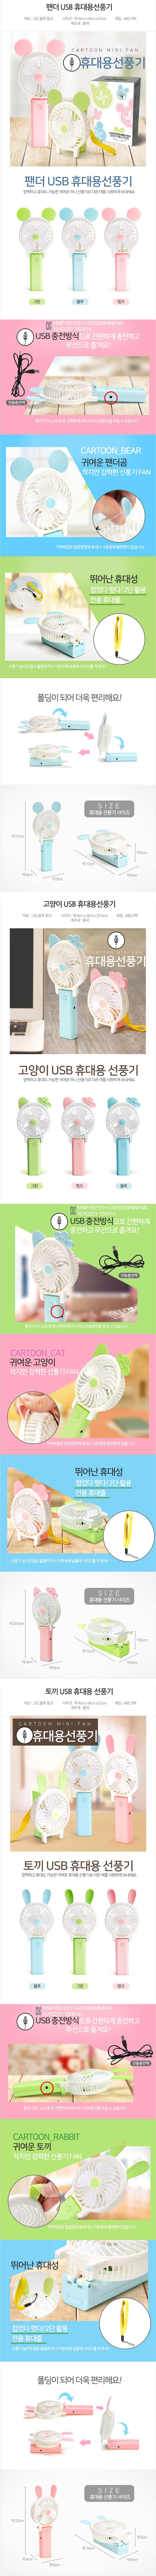 [KC인증] USB 충전식 카툰 미니 선풍기 (팬더/고양이/토끼) 접이식 탁상용 겸용